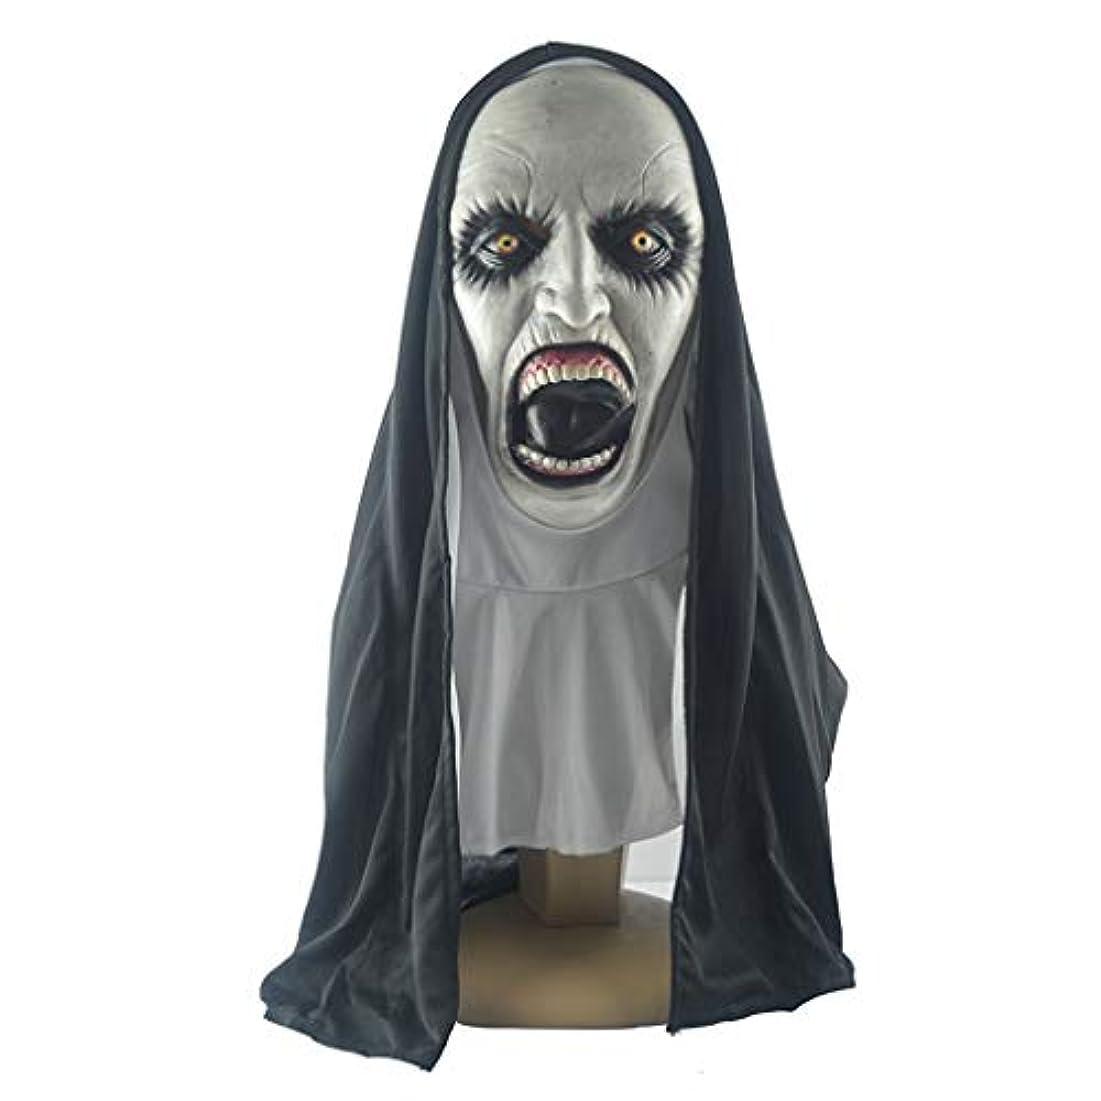 クーポン蚊お気に入りホラー修道女ハロウィンマスクハロウィンお化け屋敷顔をしかめる怖い映画の小道具コスプレフェスティバルコスチュームマスクメイクアップパーティーバーパーティーラテックスヘッドギア